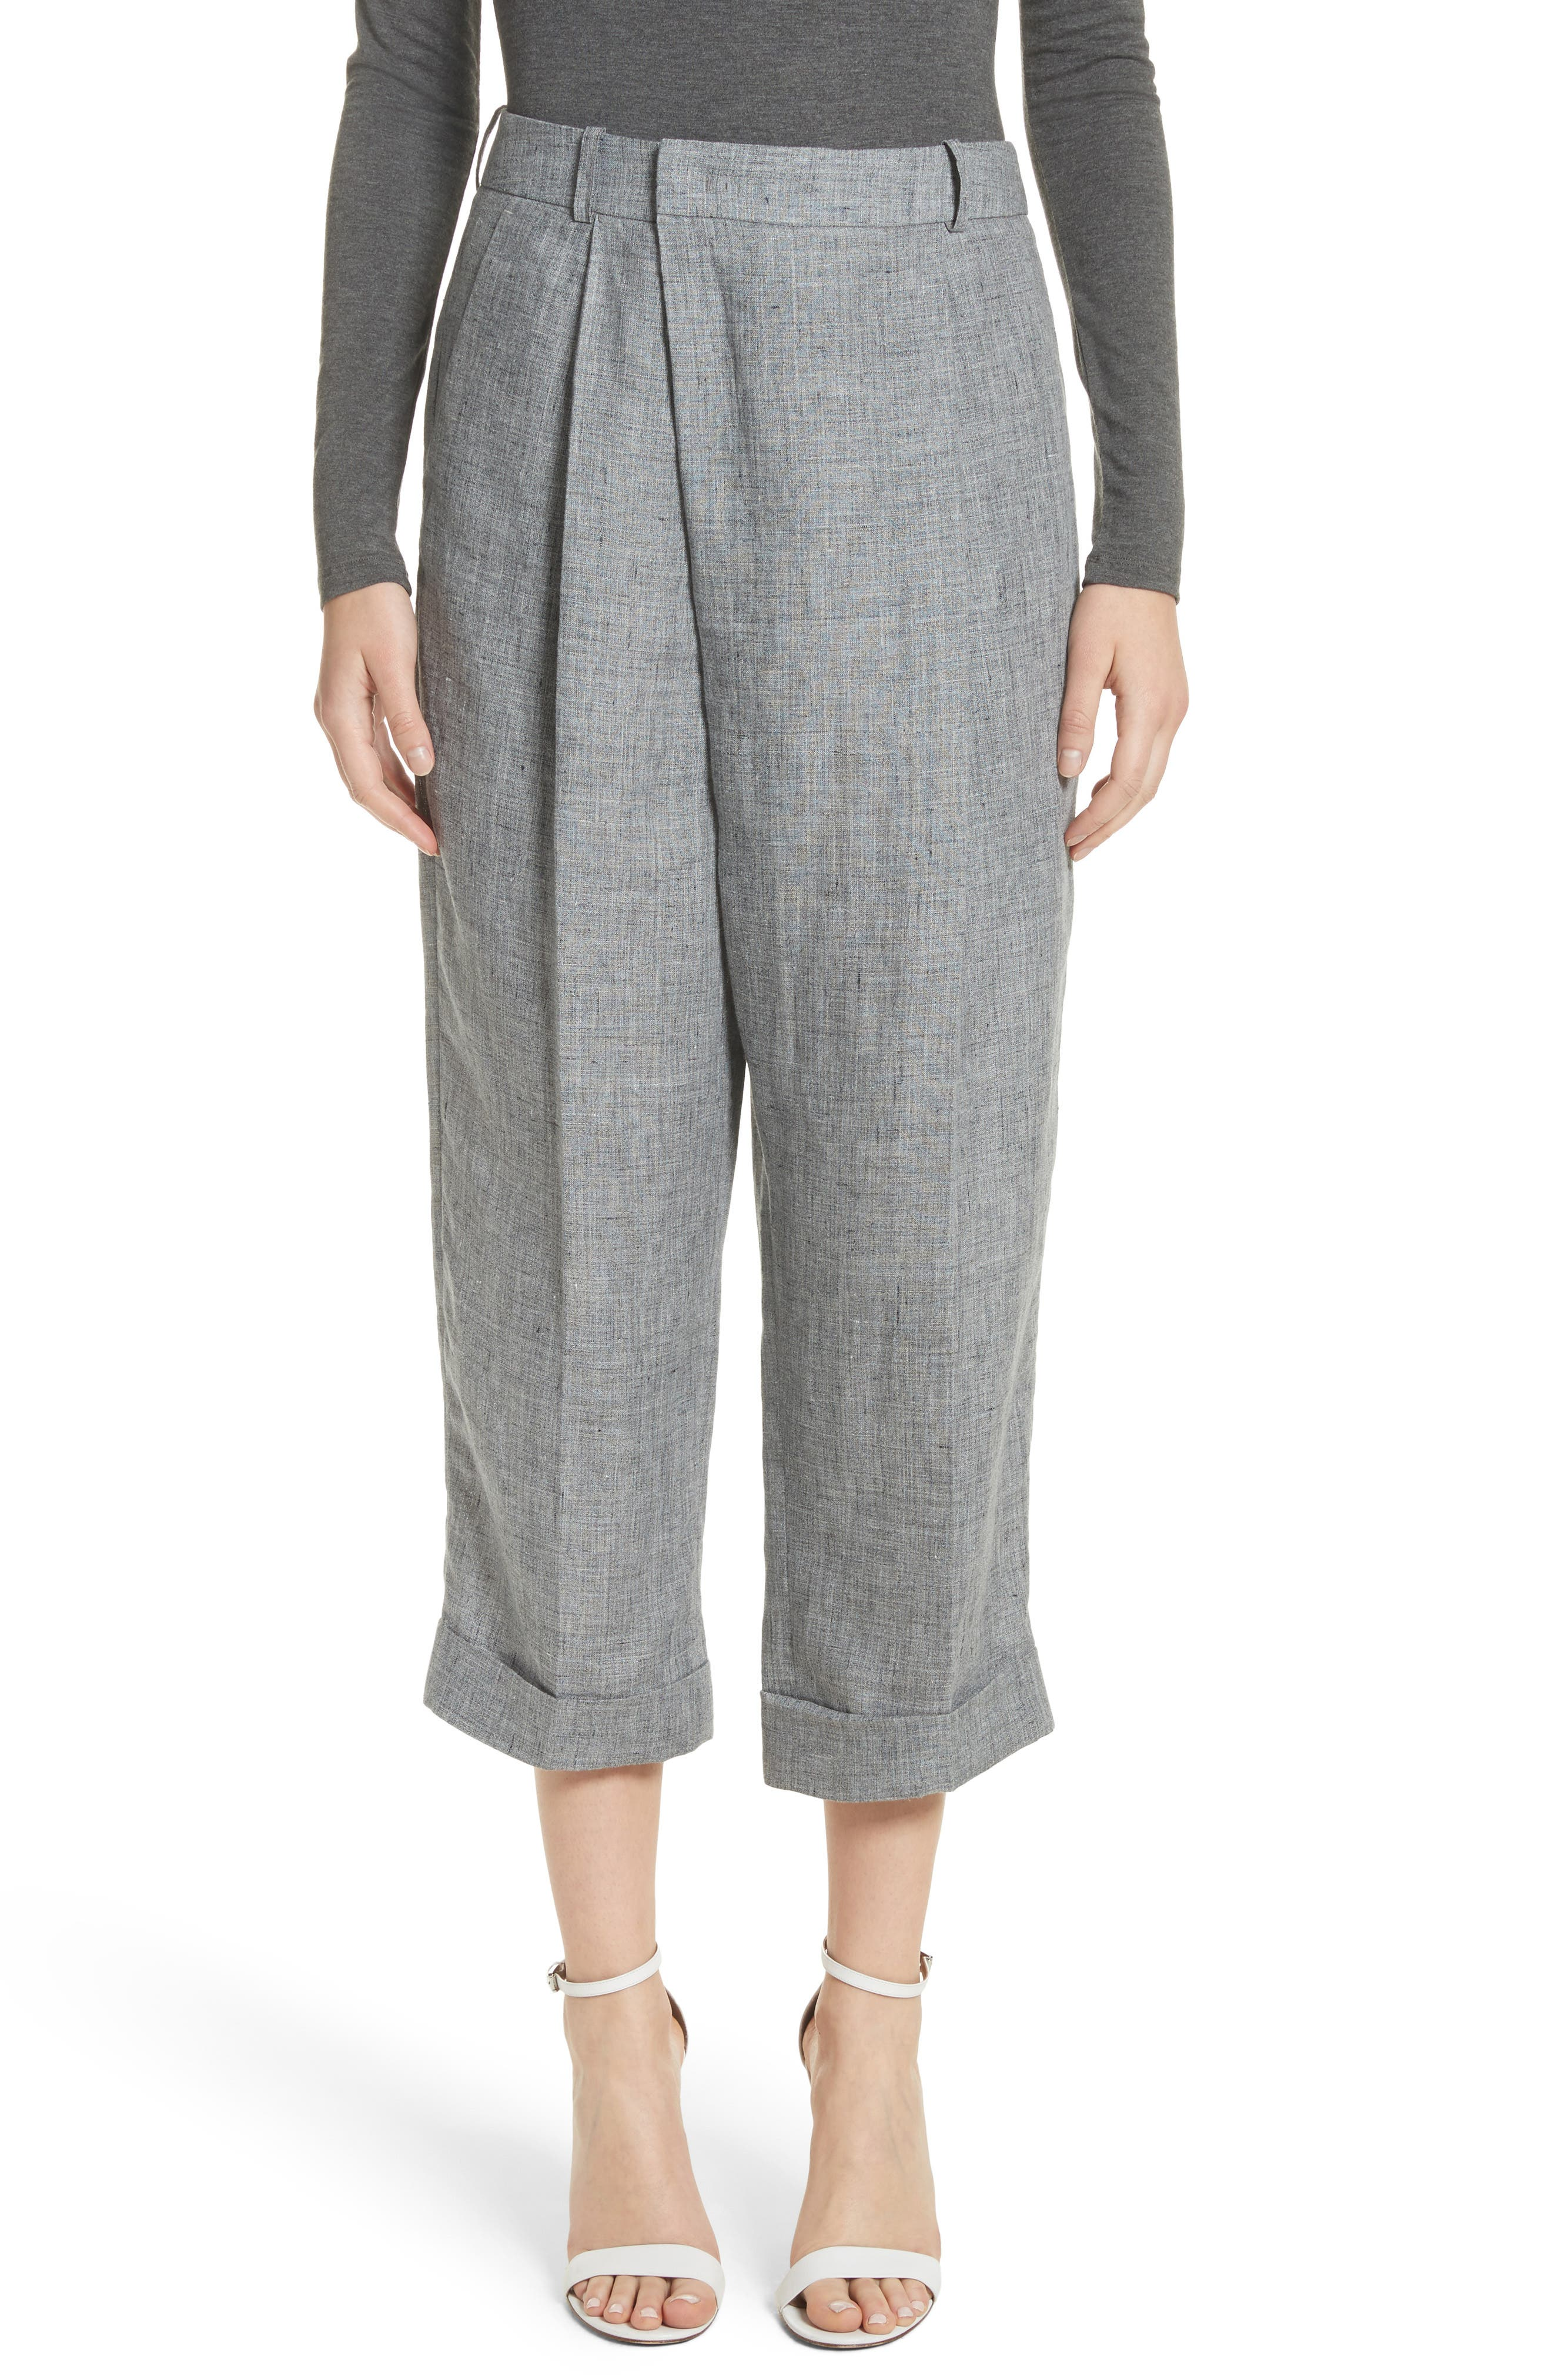 Cross Front Linen Crop Trousers,                             Main thumbnail 1, color,                             Banker Melange